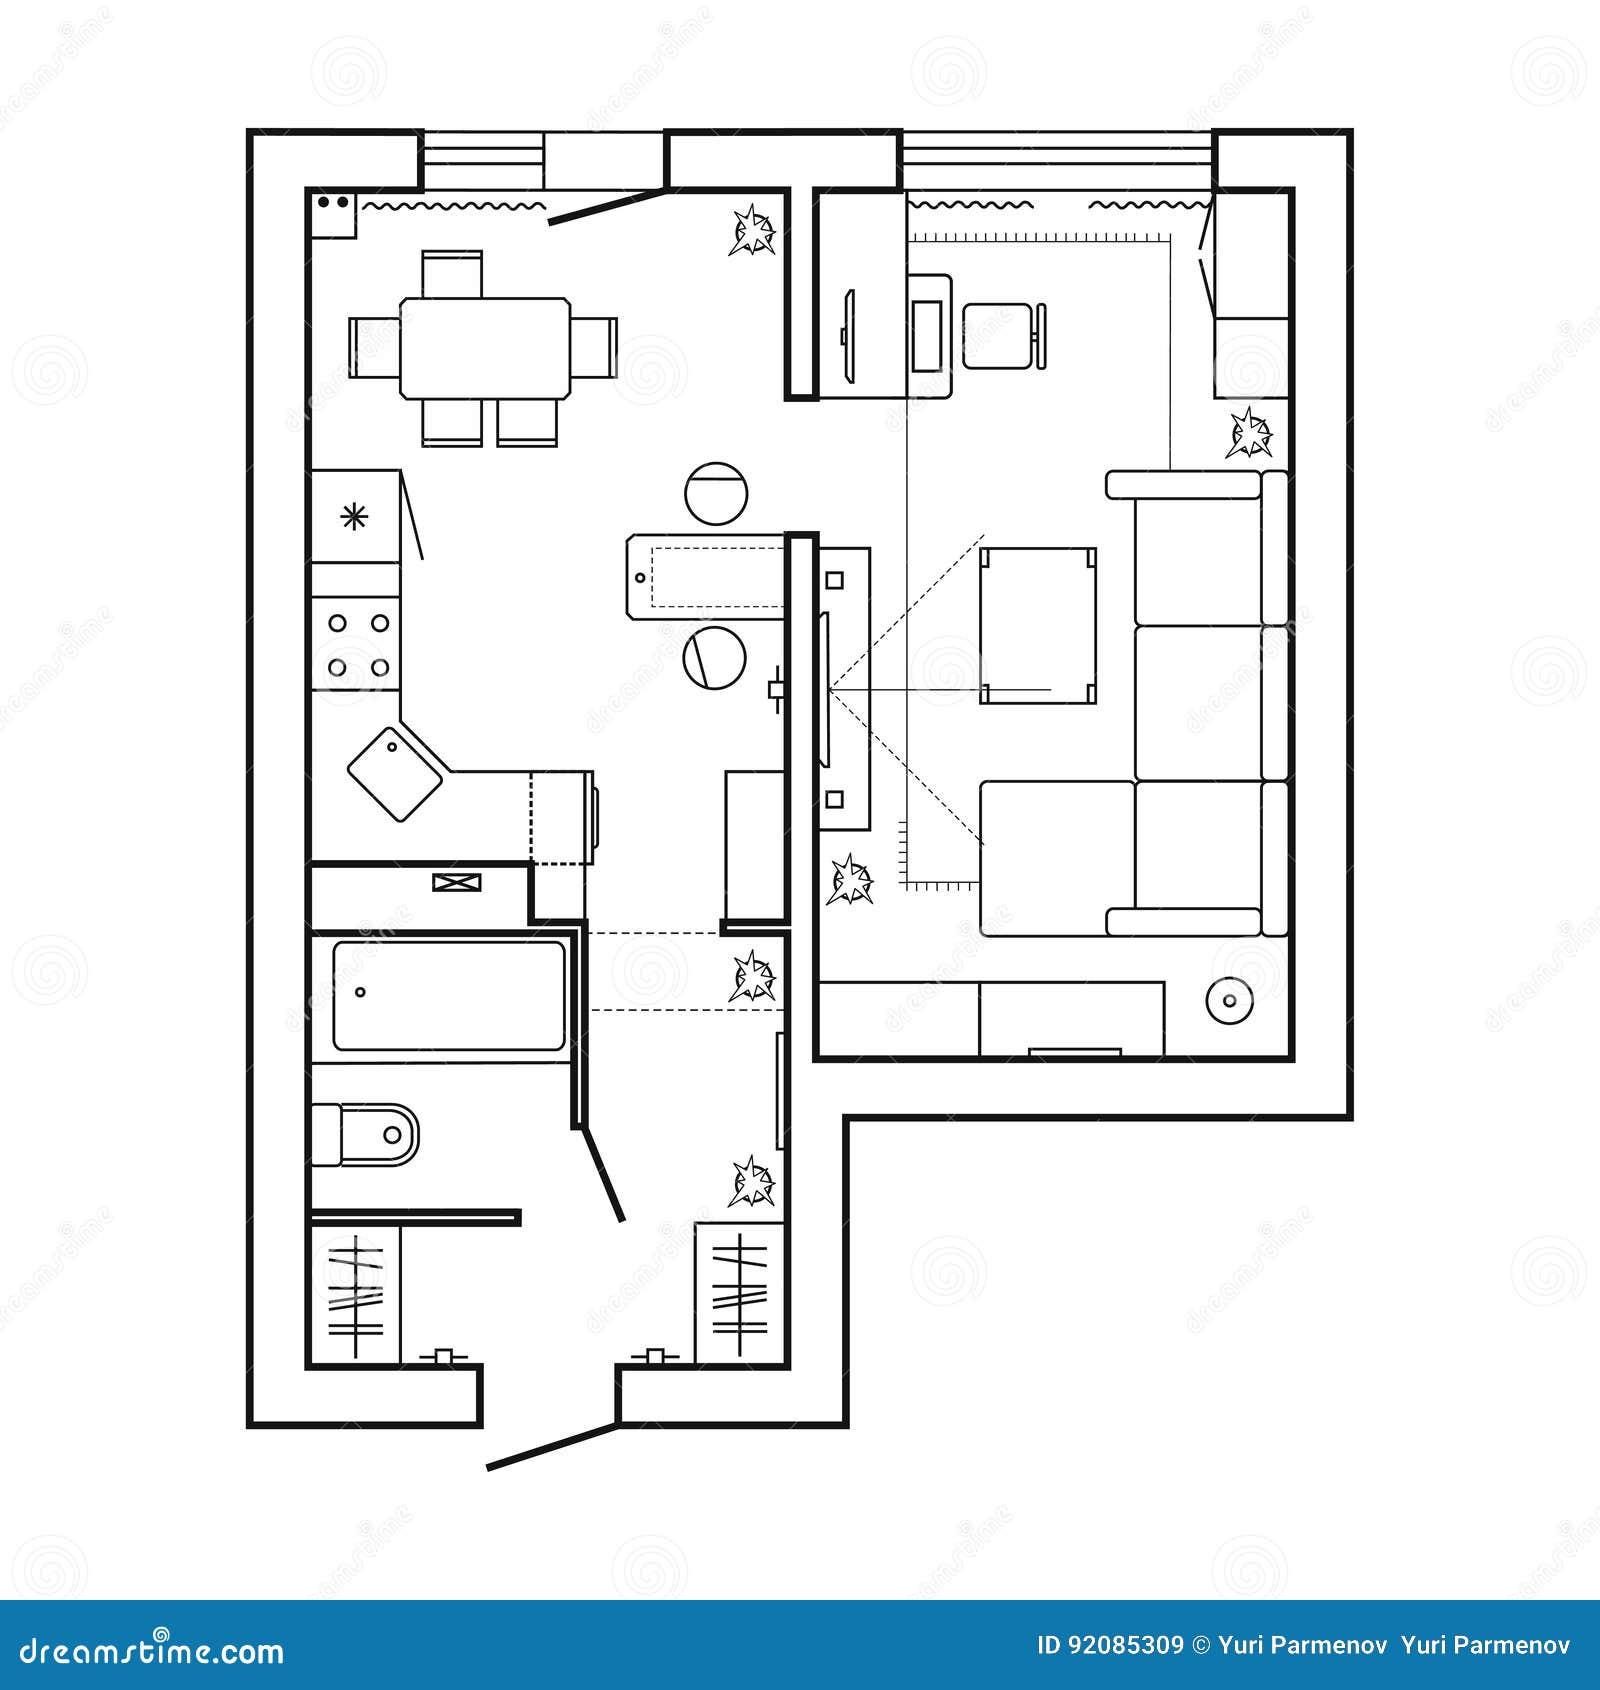 plan d'appartement en ligne